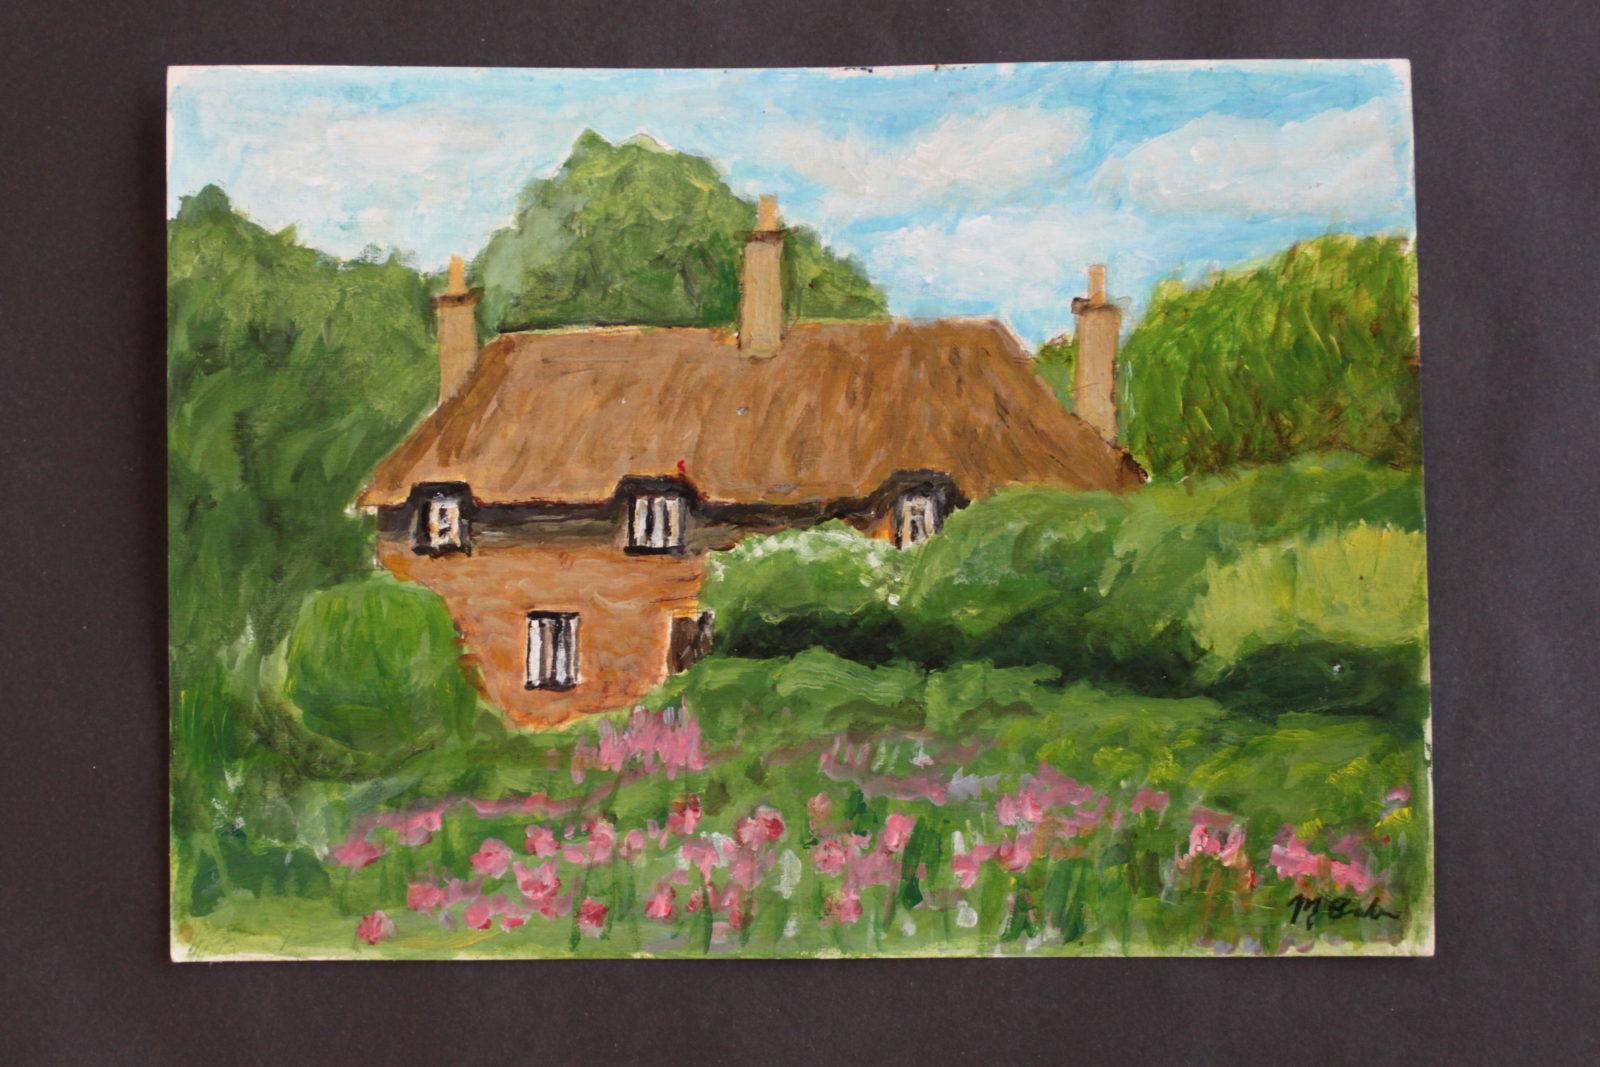 3392 || 1613 || Hardys cottage || £40 || 2646